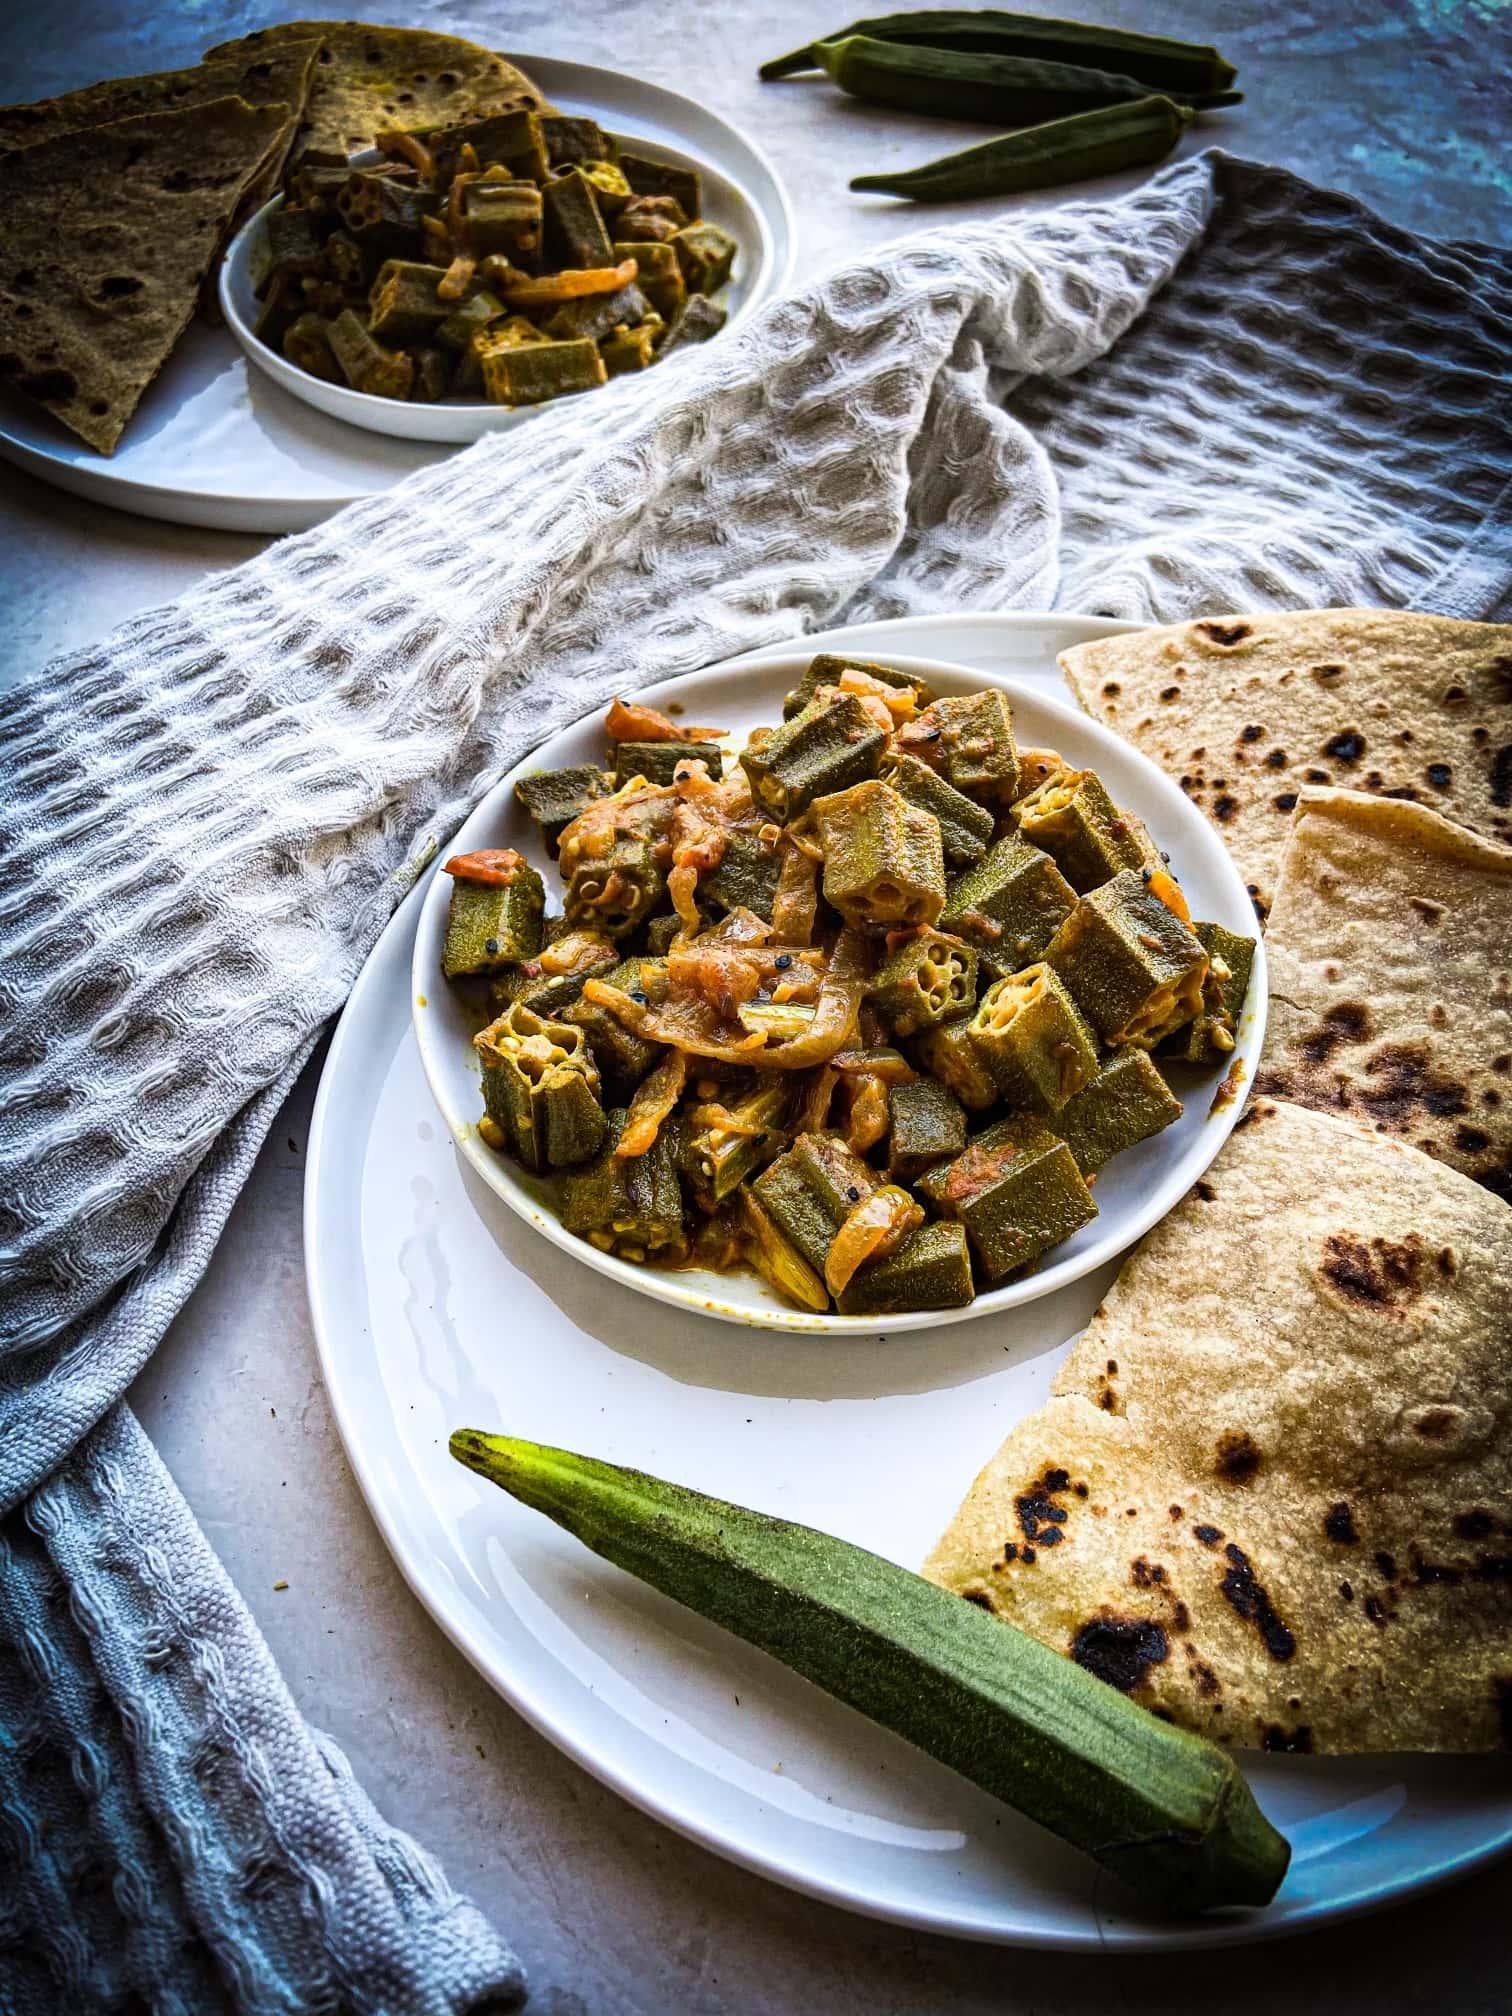 Achari bhindi